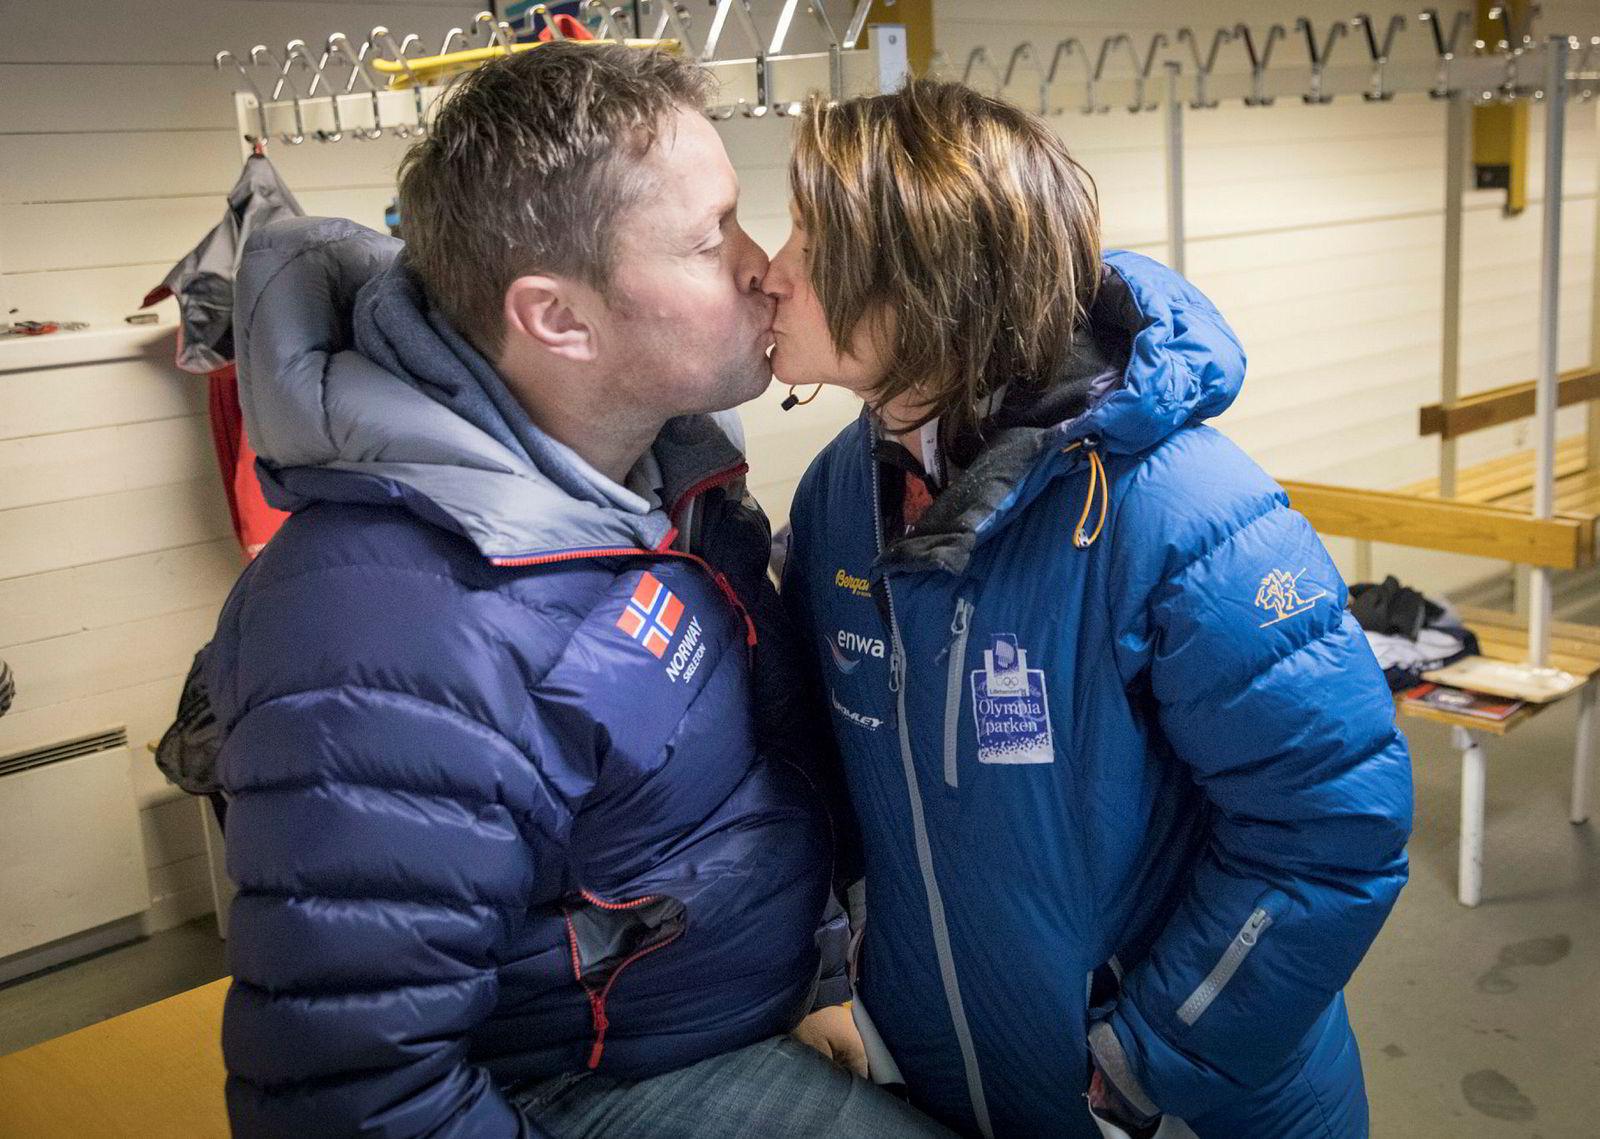 Maya Pedersen gir ektemann og trener Snorre Pedersen et kyss etter videogjennomgåelsen av runden.